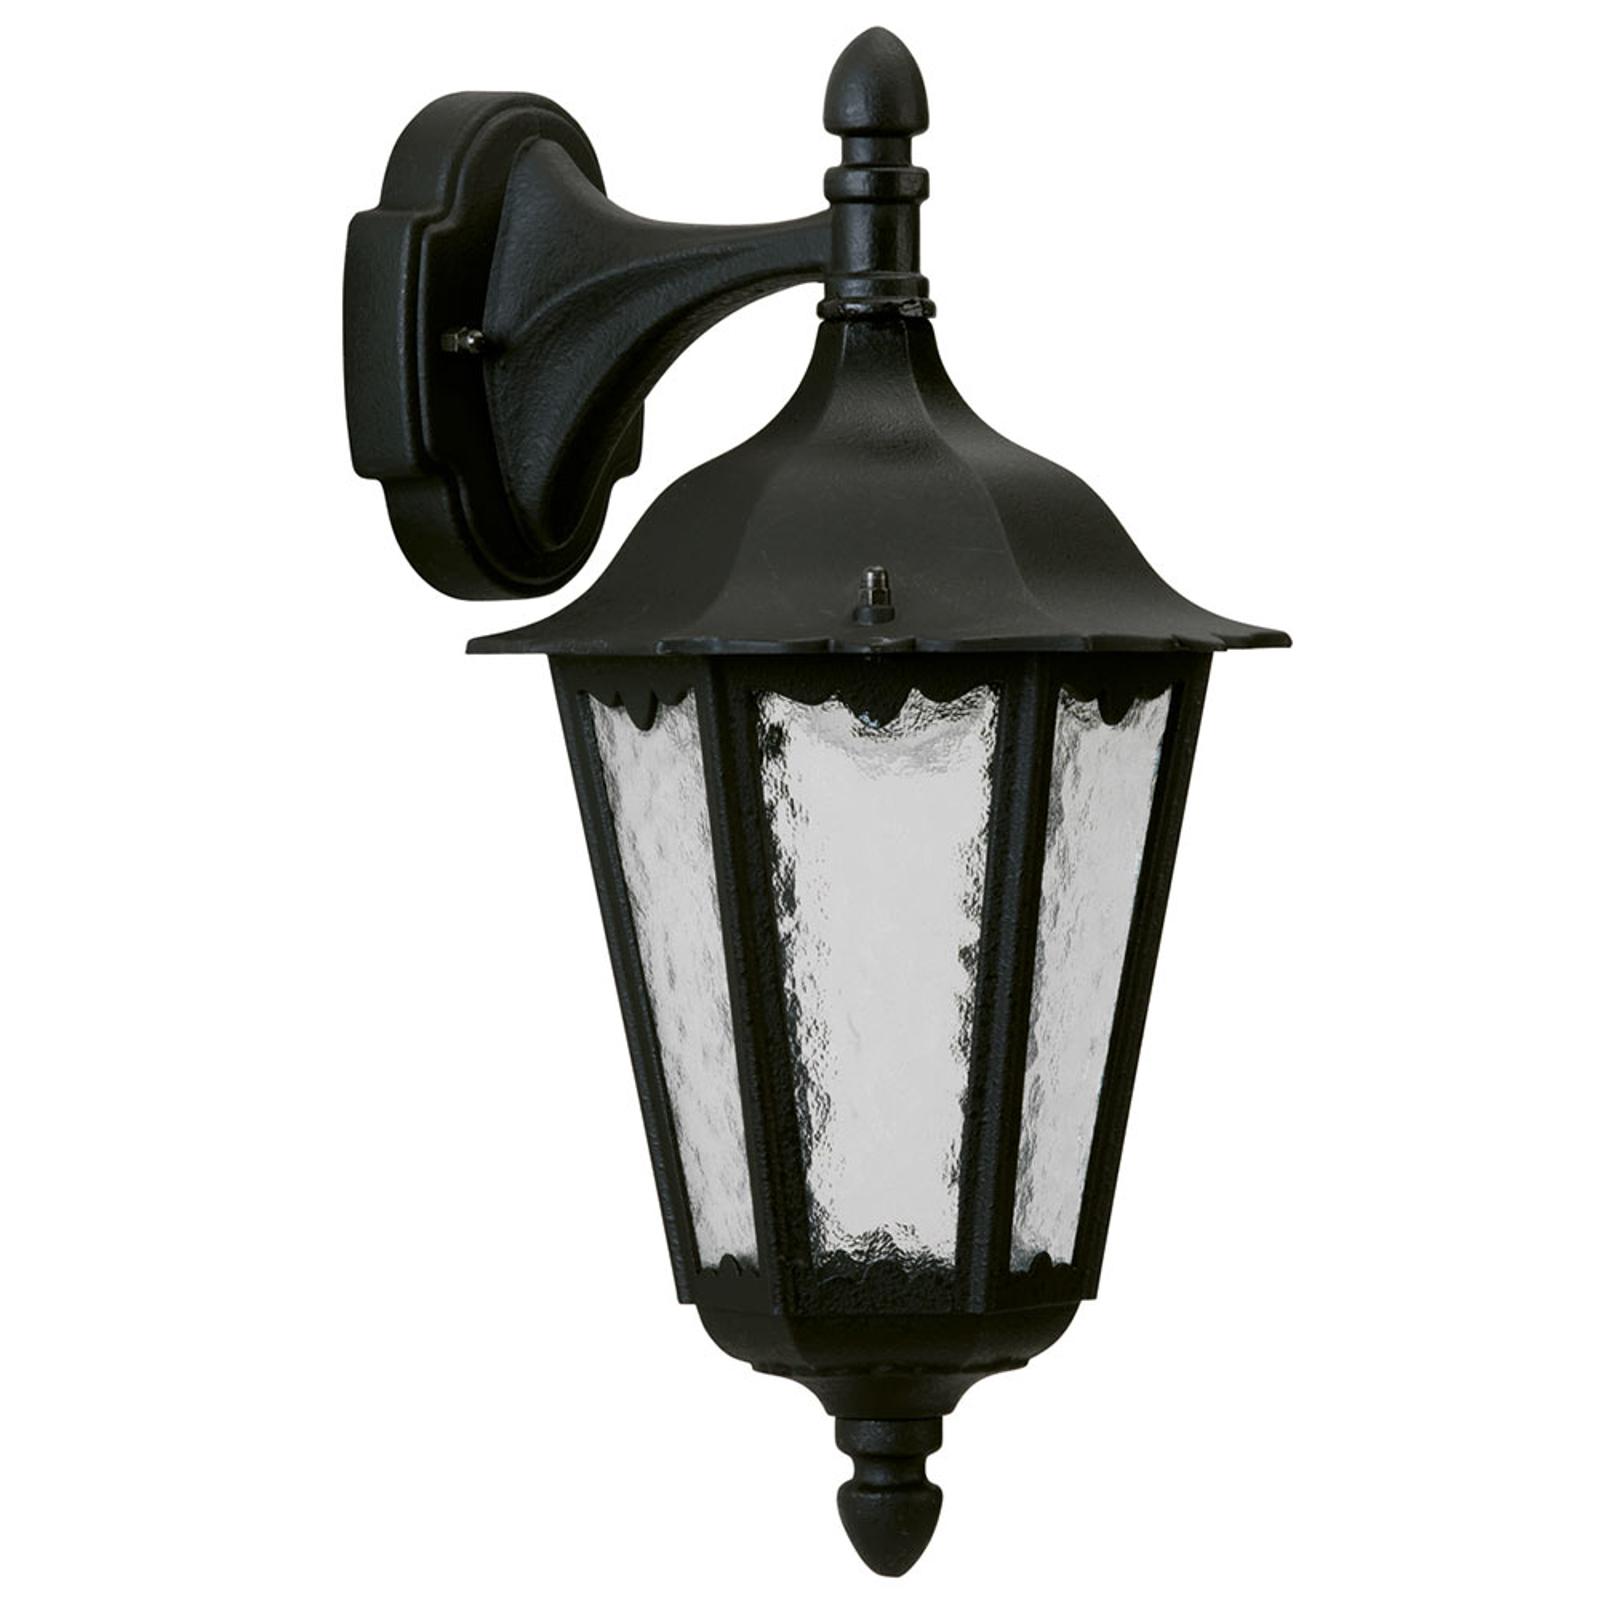 Buitenwandlamp 1819 hangend, zwart